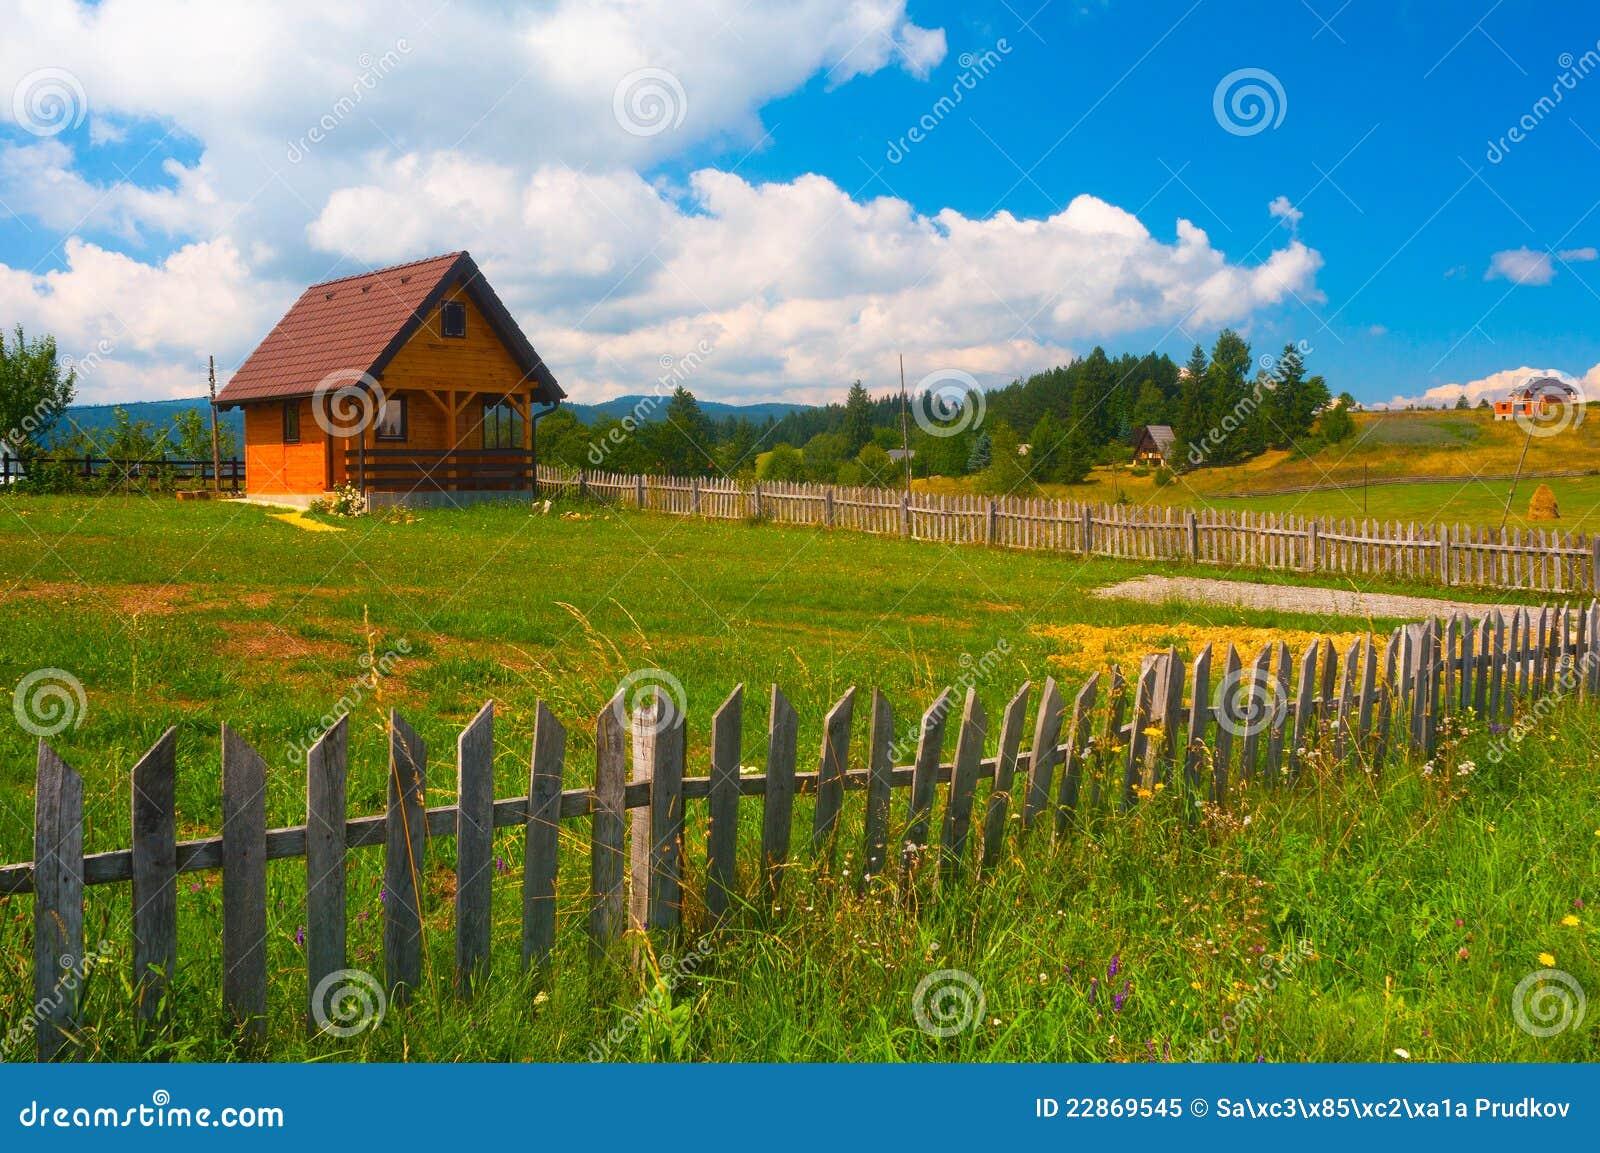 Piccola casa di campagna prato e rete fissa di legno for Disegni di cabina di campagna